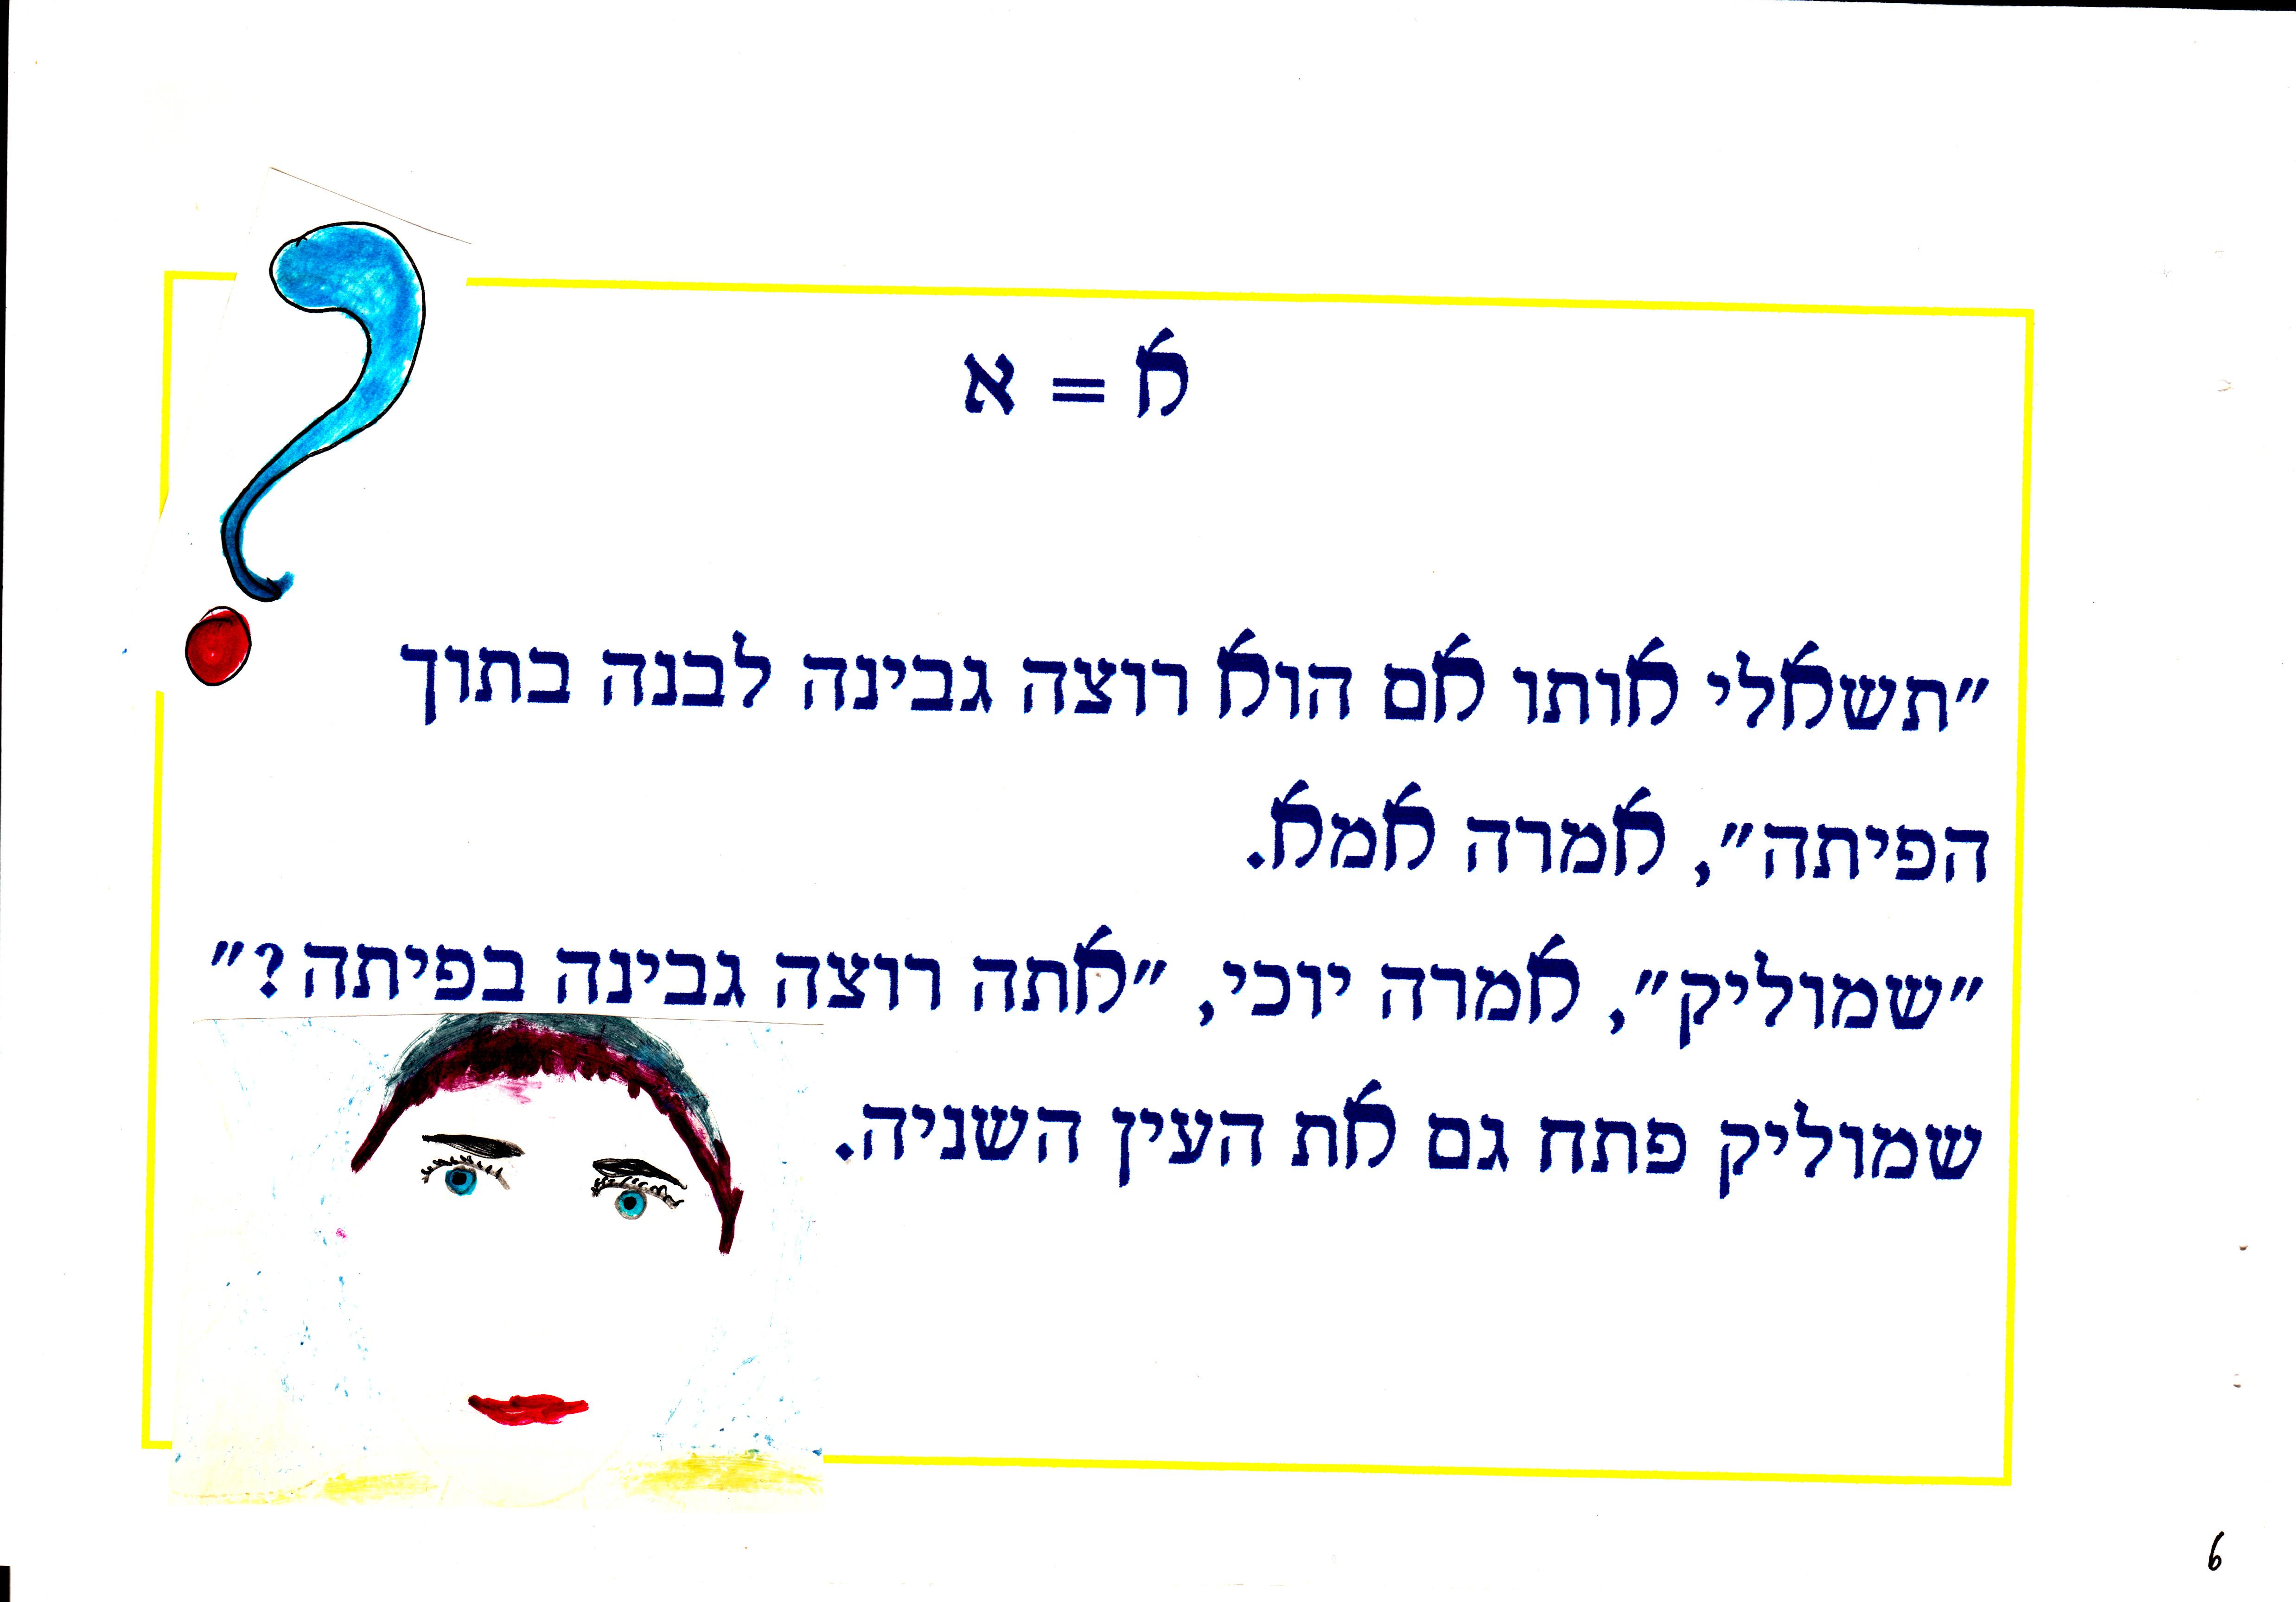 rashibarosh_0006